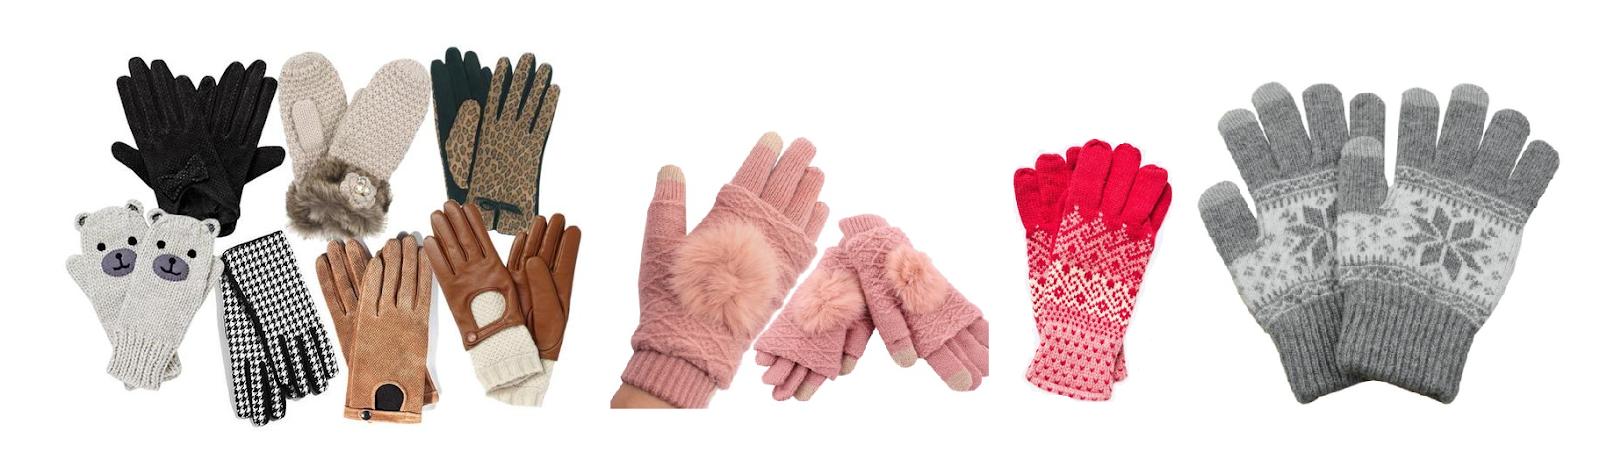 Jak pielęgnować skórę dłoni jesienią